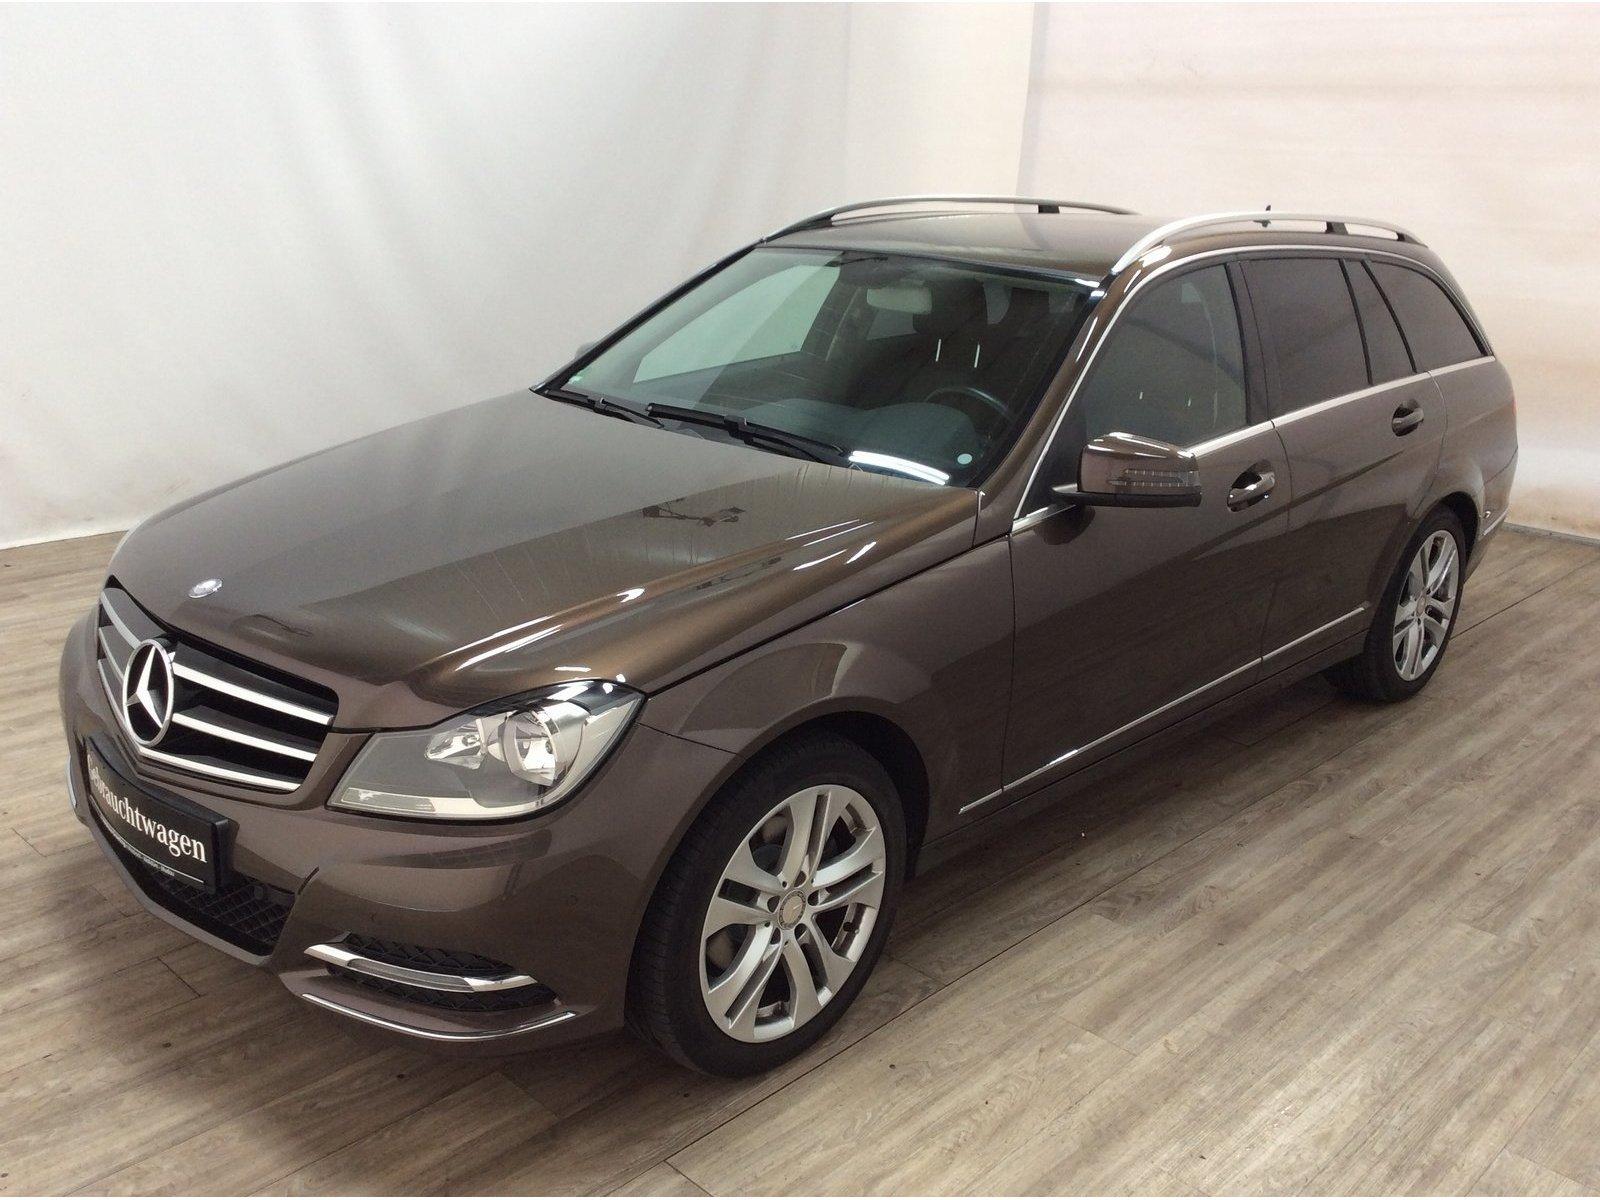 Mercedes-Benz C 200 T Avantgarde*Automatik*Navi*PTS*Sitzheiz.*, Jahr 2013, Benzin